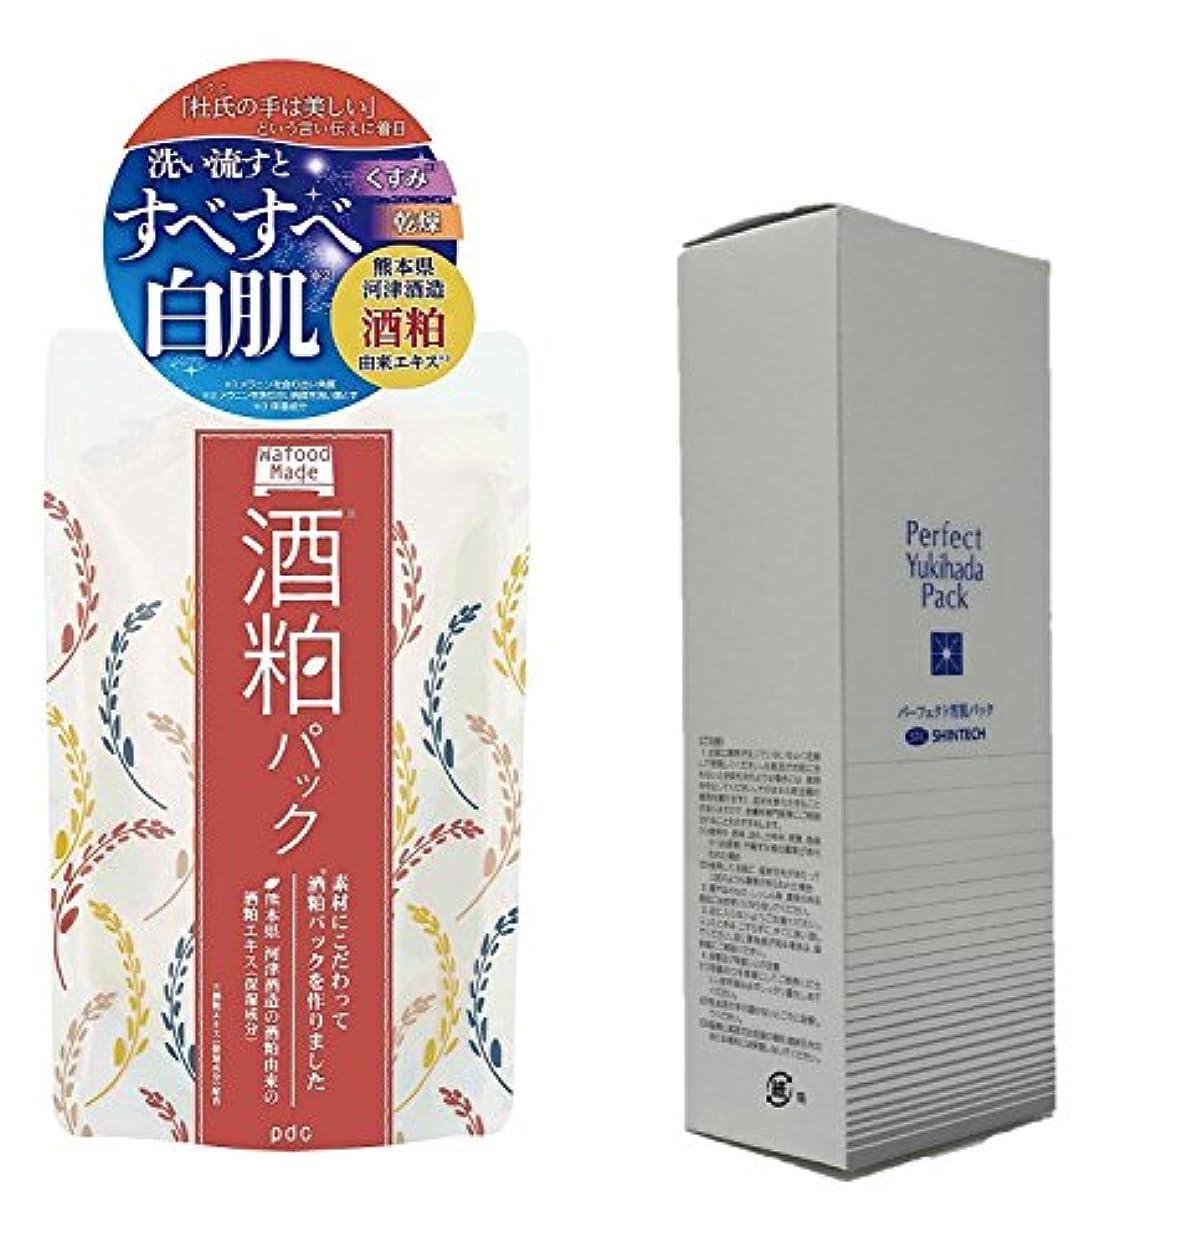 気になるムスかかわらず(2017年日本製新商品)(pdcとSHINTECH)ワフードメイド 酒粕パック 170g と パーフェクト雪肌フェイスパック 130g 日本製(お買2個セット)